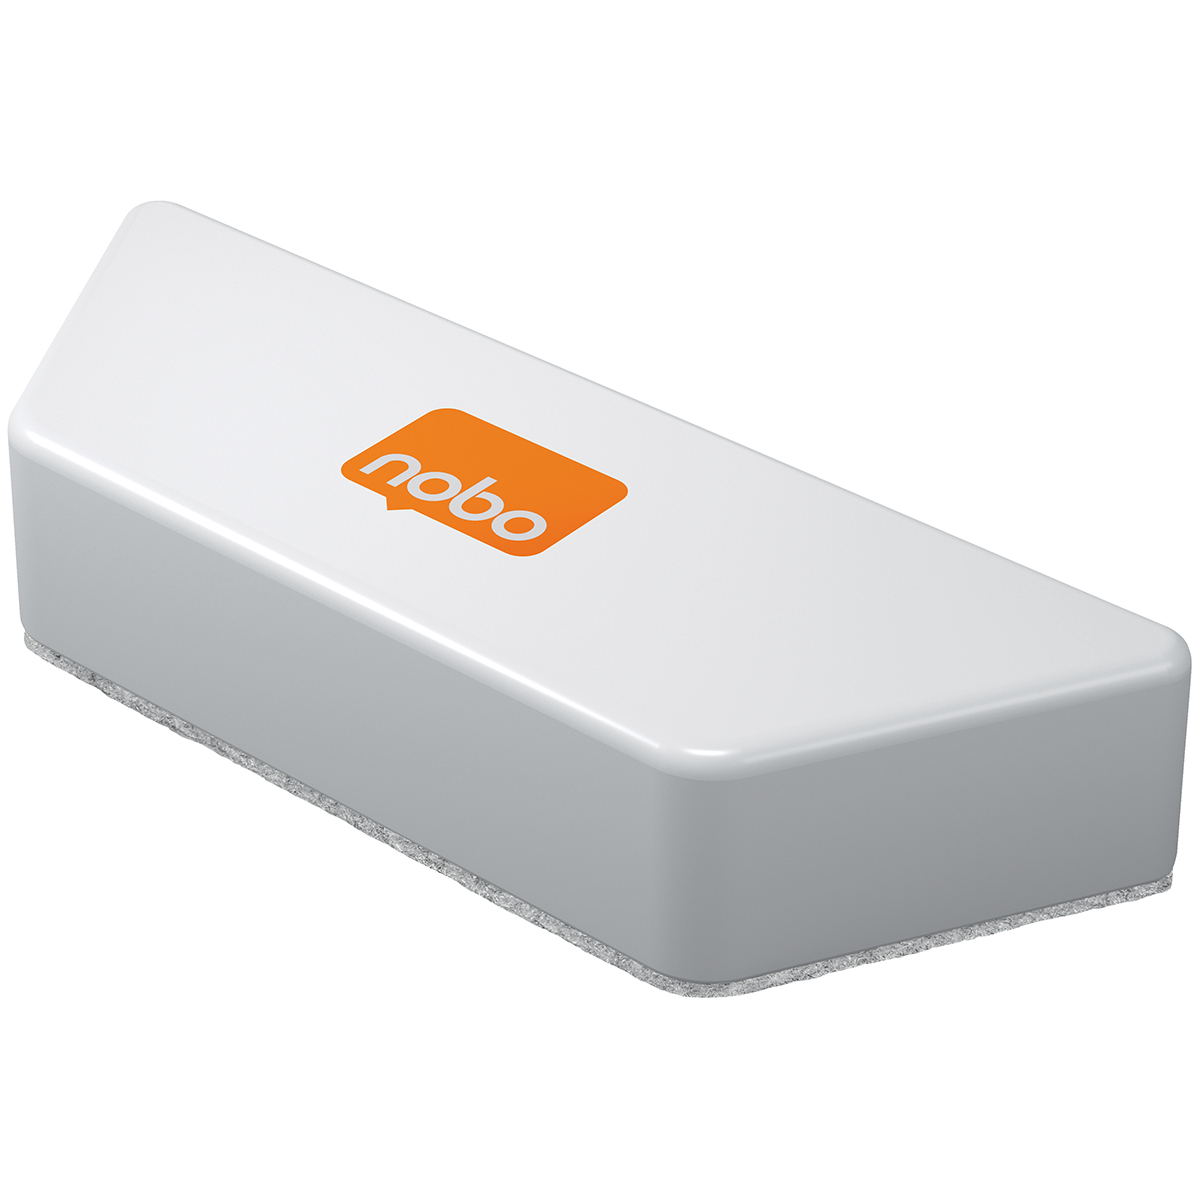 Nobo 1905325 Magnetic Whiteboard Eraser